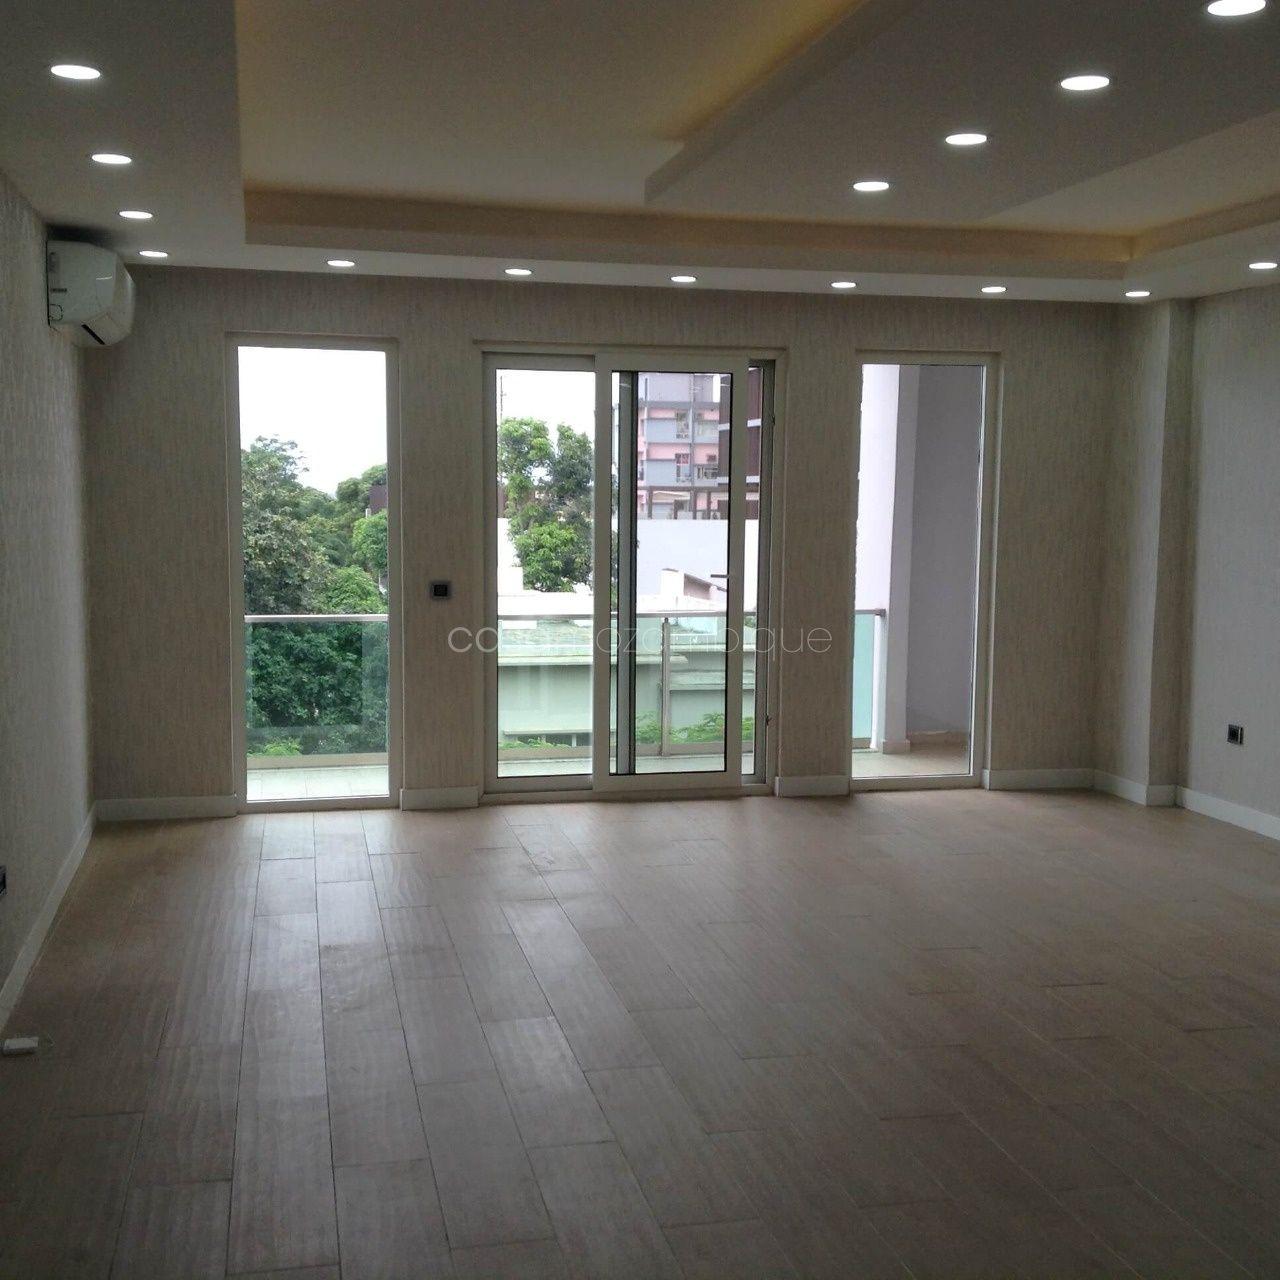 3 Bedroom Apartment For Rent Situated In The Condominium Elite Apartments Located In The Suburb Of Polana Ma Apartment Apartments For Rent 3 Bedroom Apartment